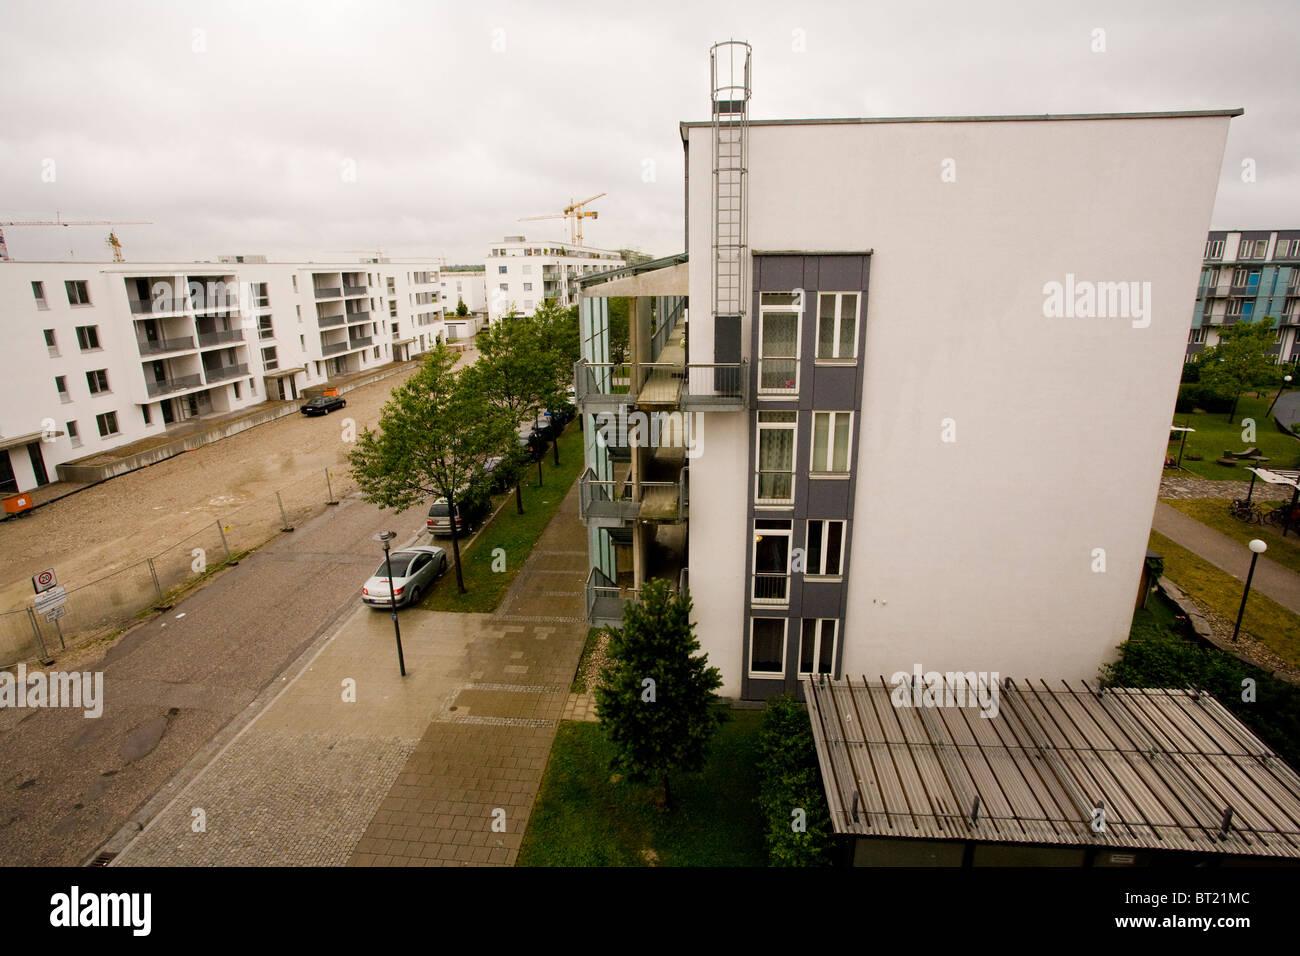 Un terne et ennuyeuse et offres de logement social en Allemagne sous un ciel couvert et pluvieux. Photo Stock